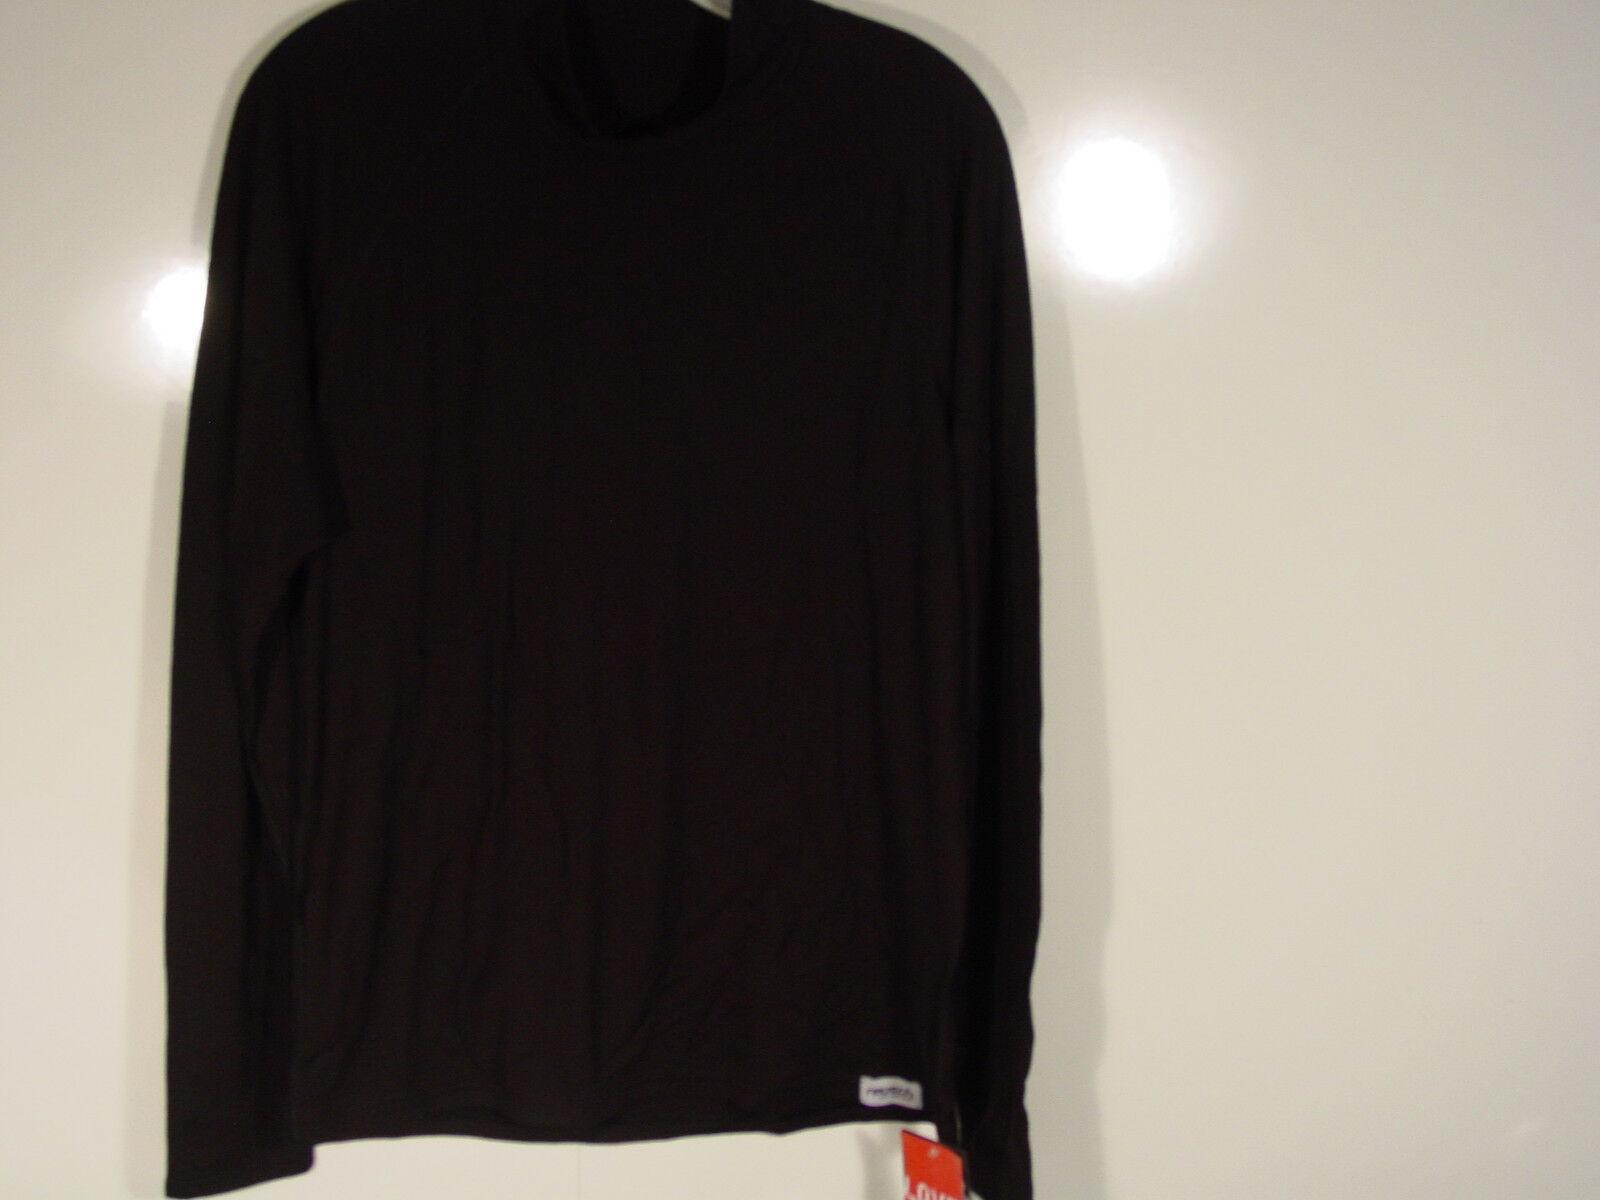 New Reusch 100% Pure Merino Wool Long Sleeve Shirt Makalu  4240001 S M L XL